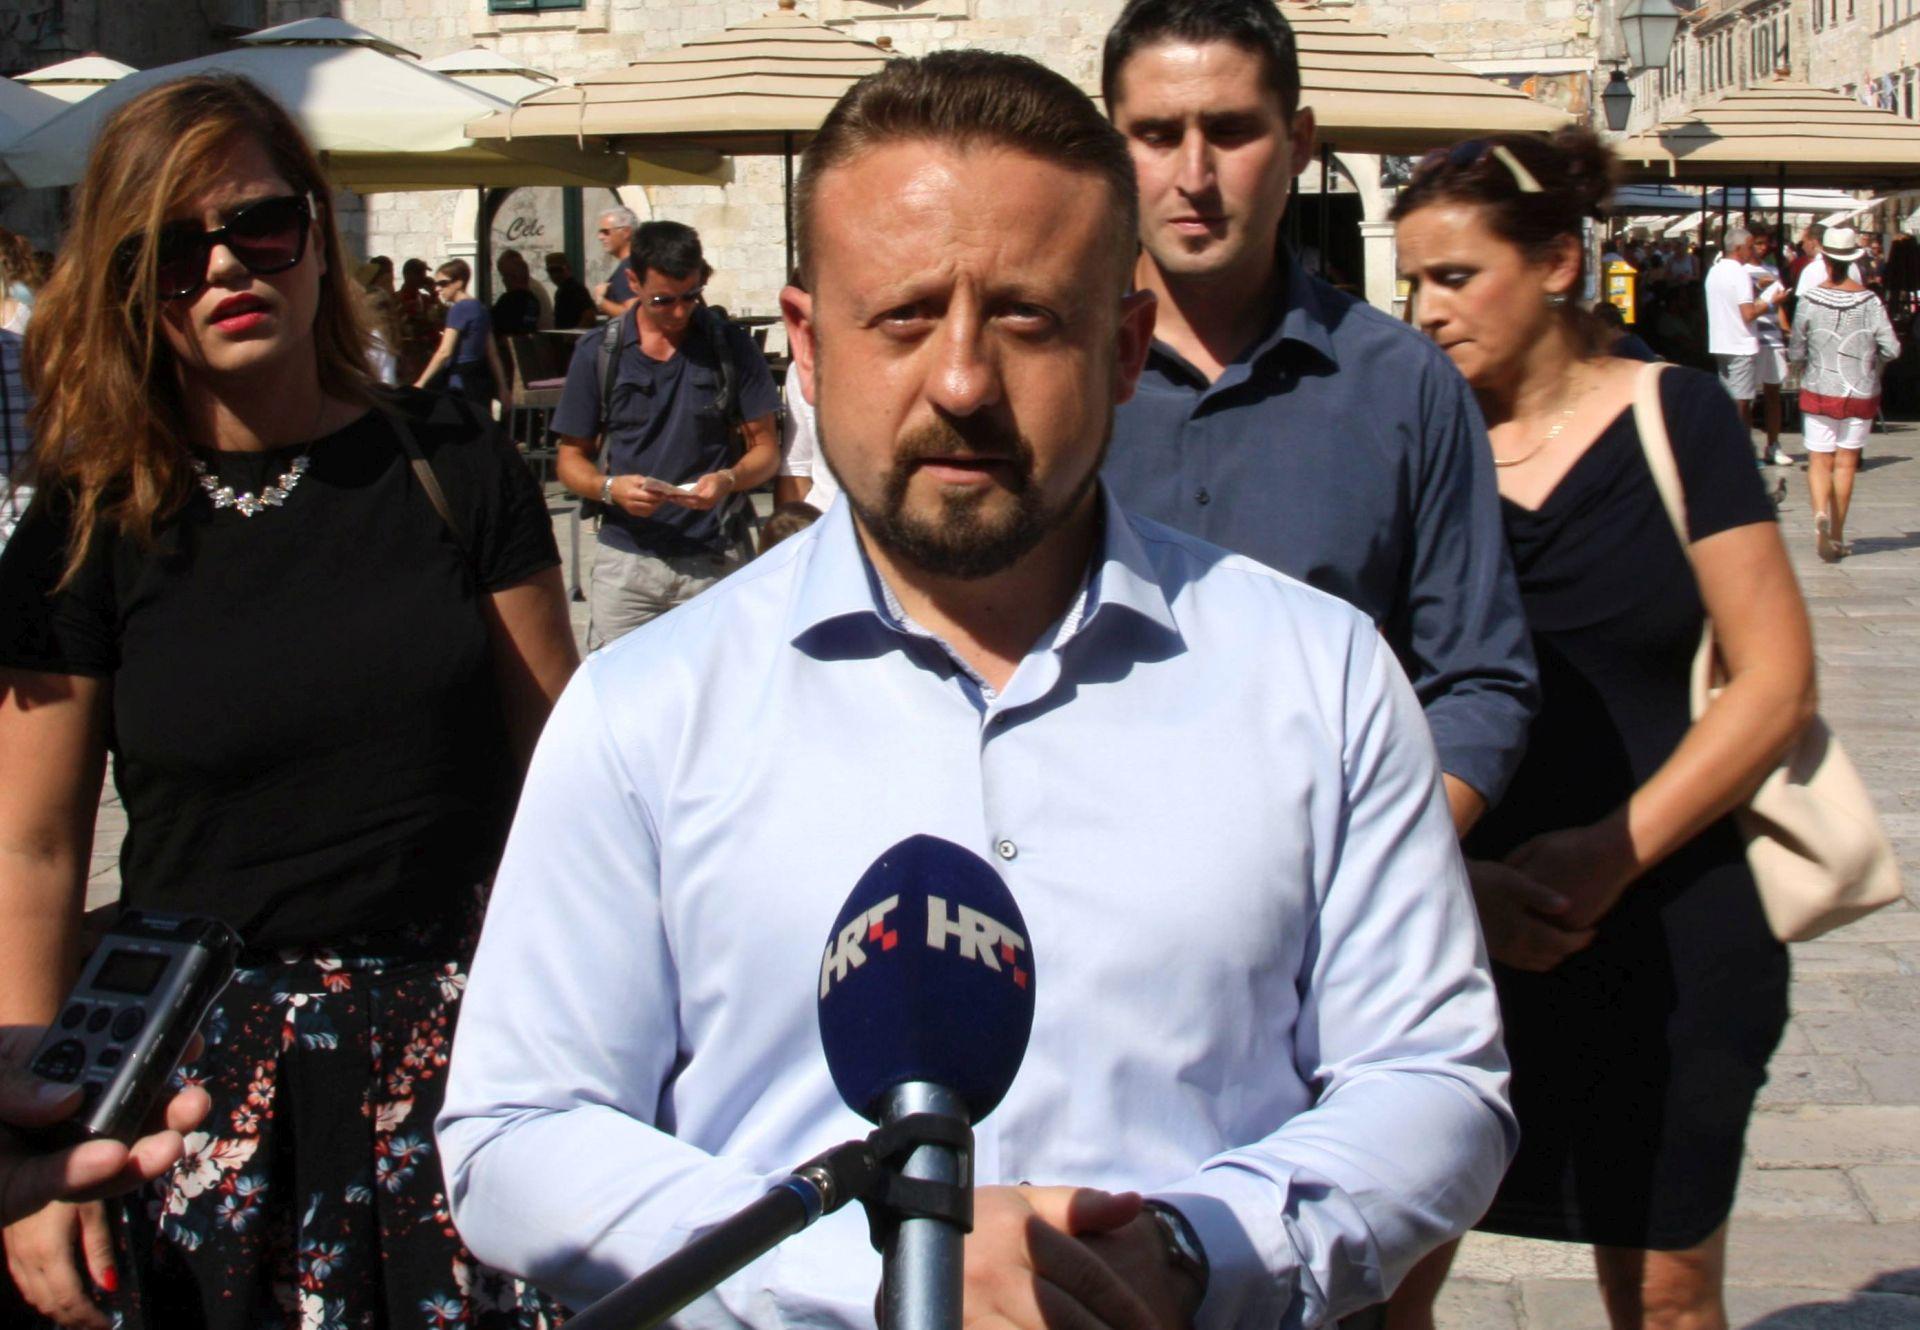 TEPEŠ: Ako je uhićeni hrvatski obavještajac, to je katastrofa za nacionalnu sigurnost